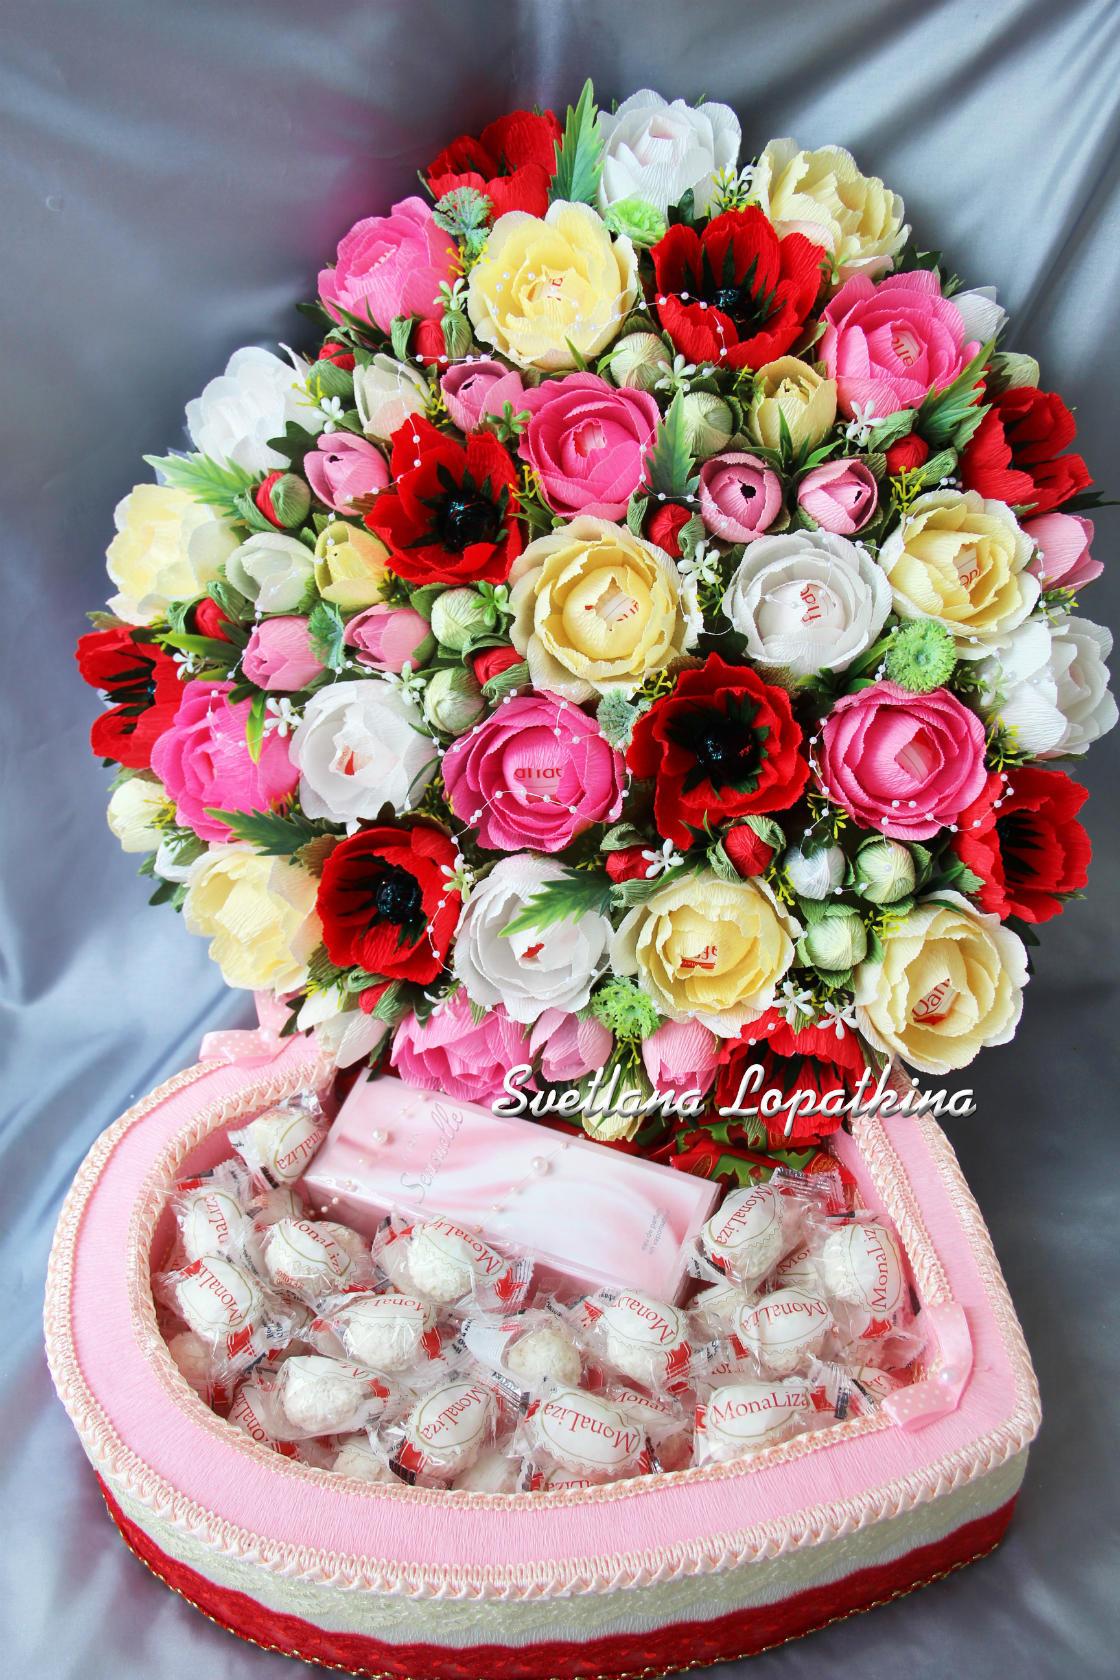 Купить подарок на юбилей женщине в краснодаре доставка цветов астрахань аленький цветочек отзывы